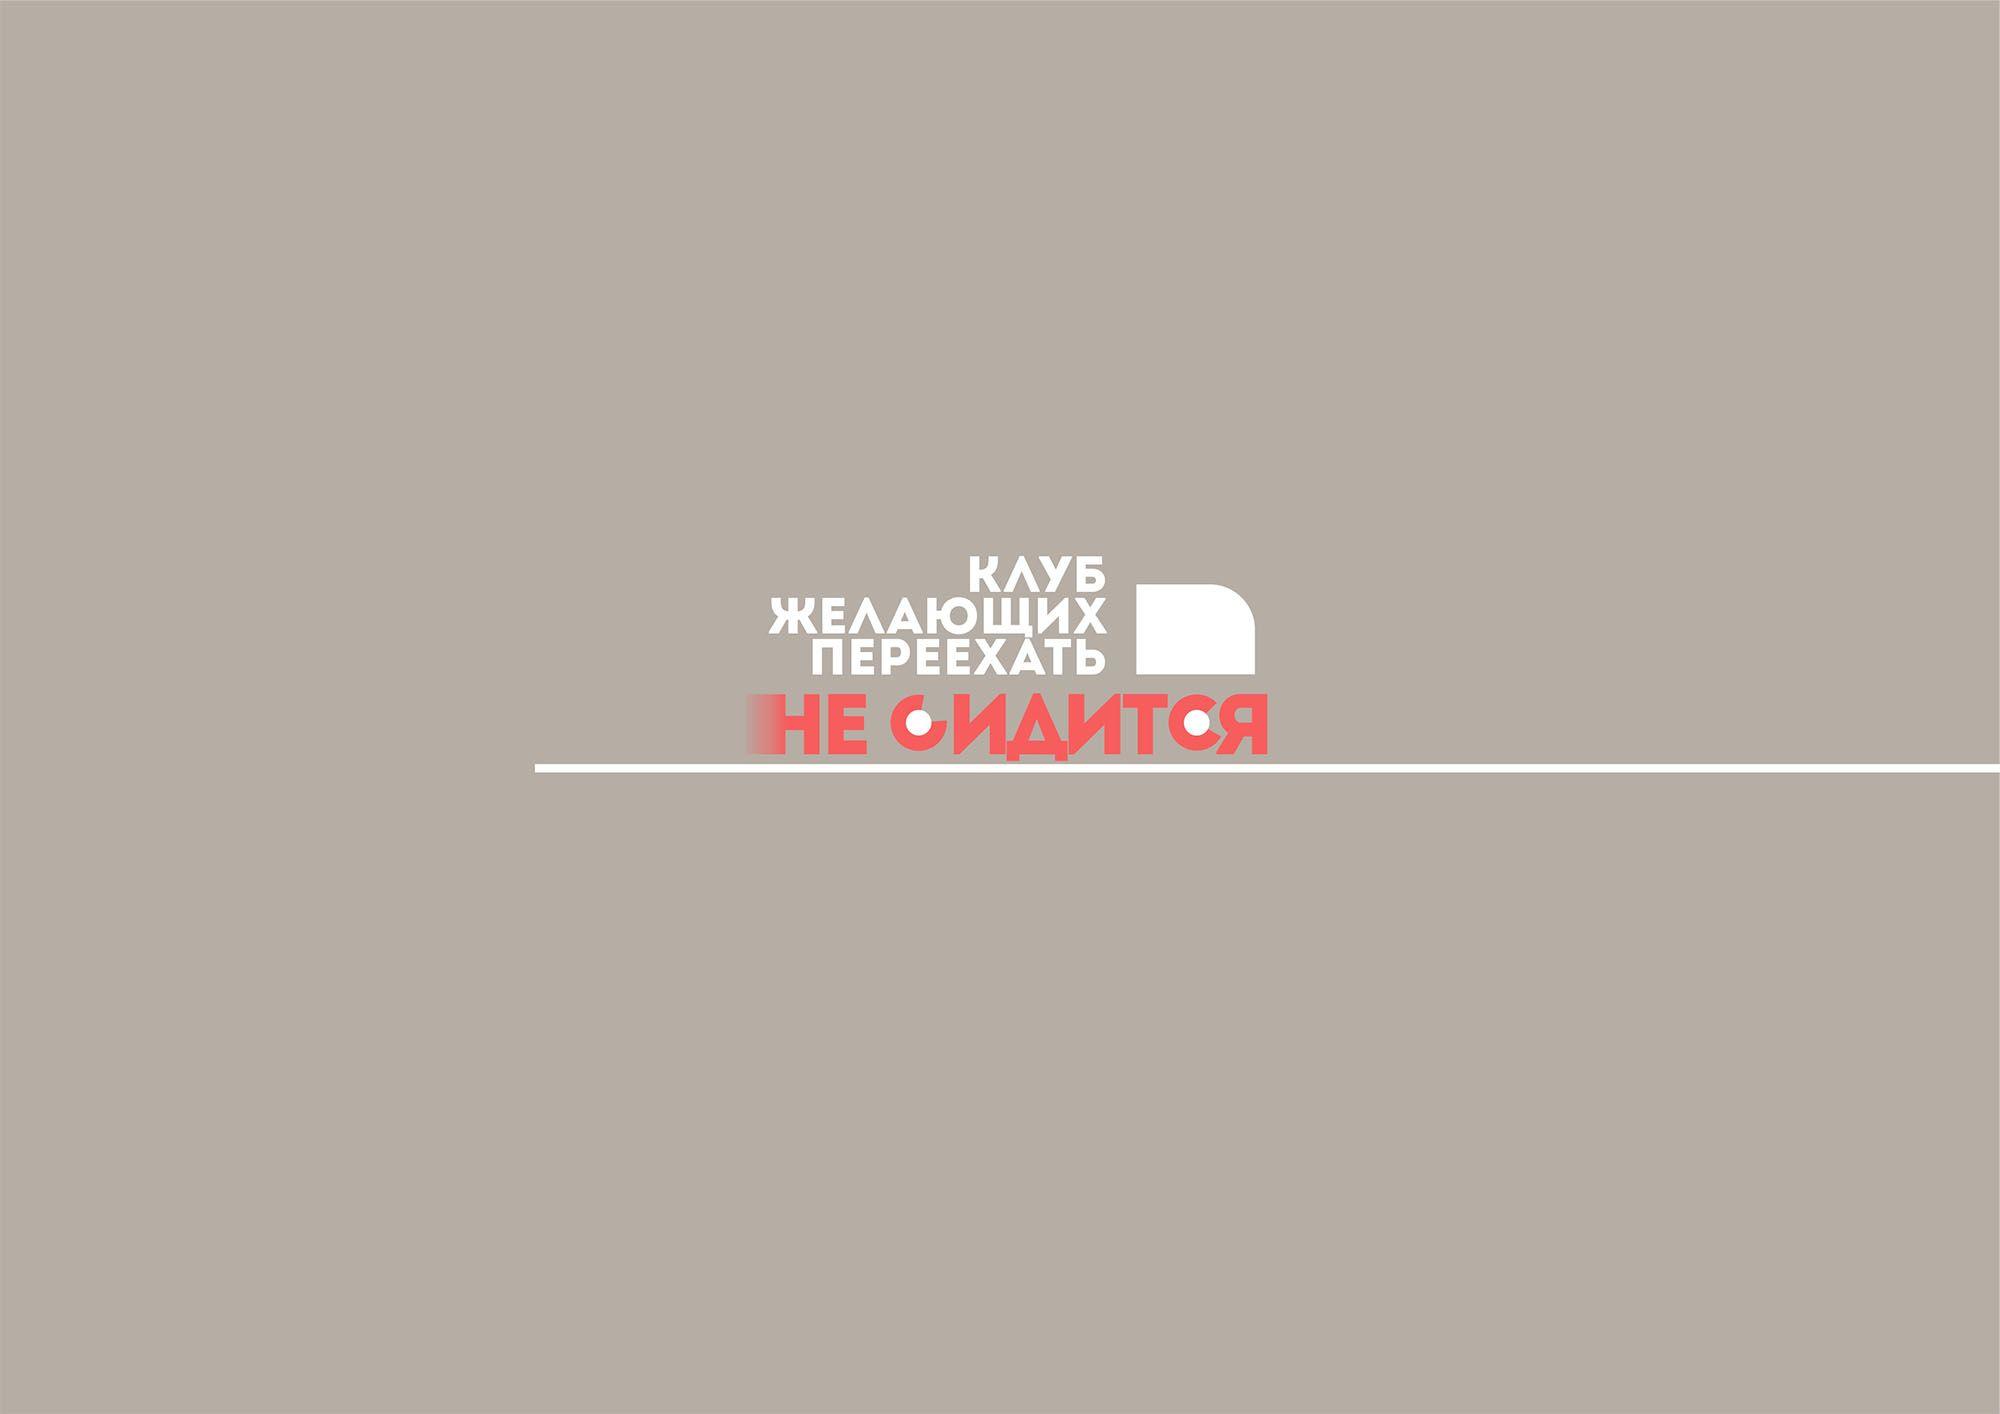 Логотип для интернет-проекта Не сидится - дизайнер Naira